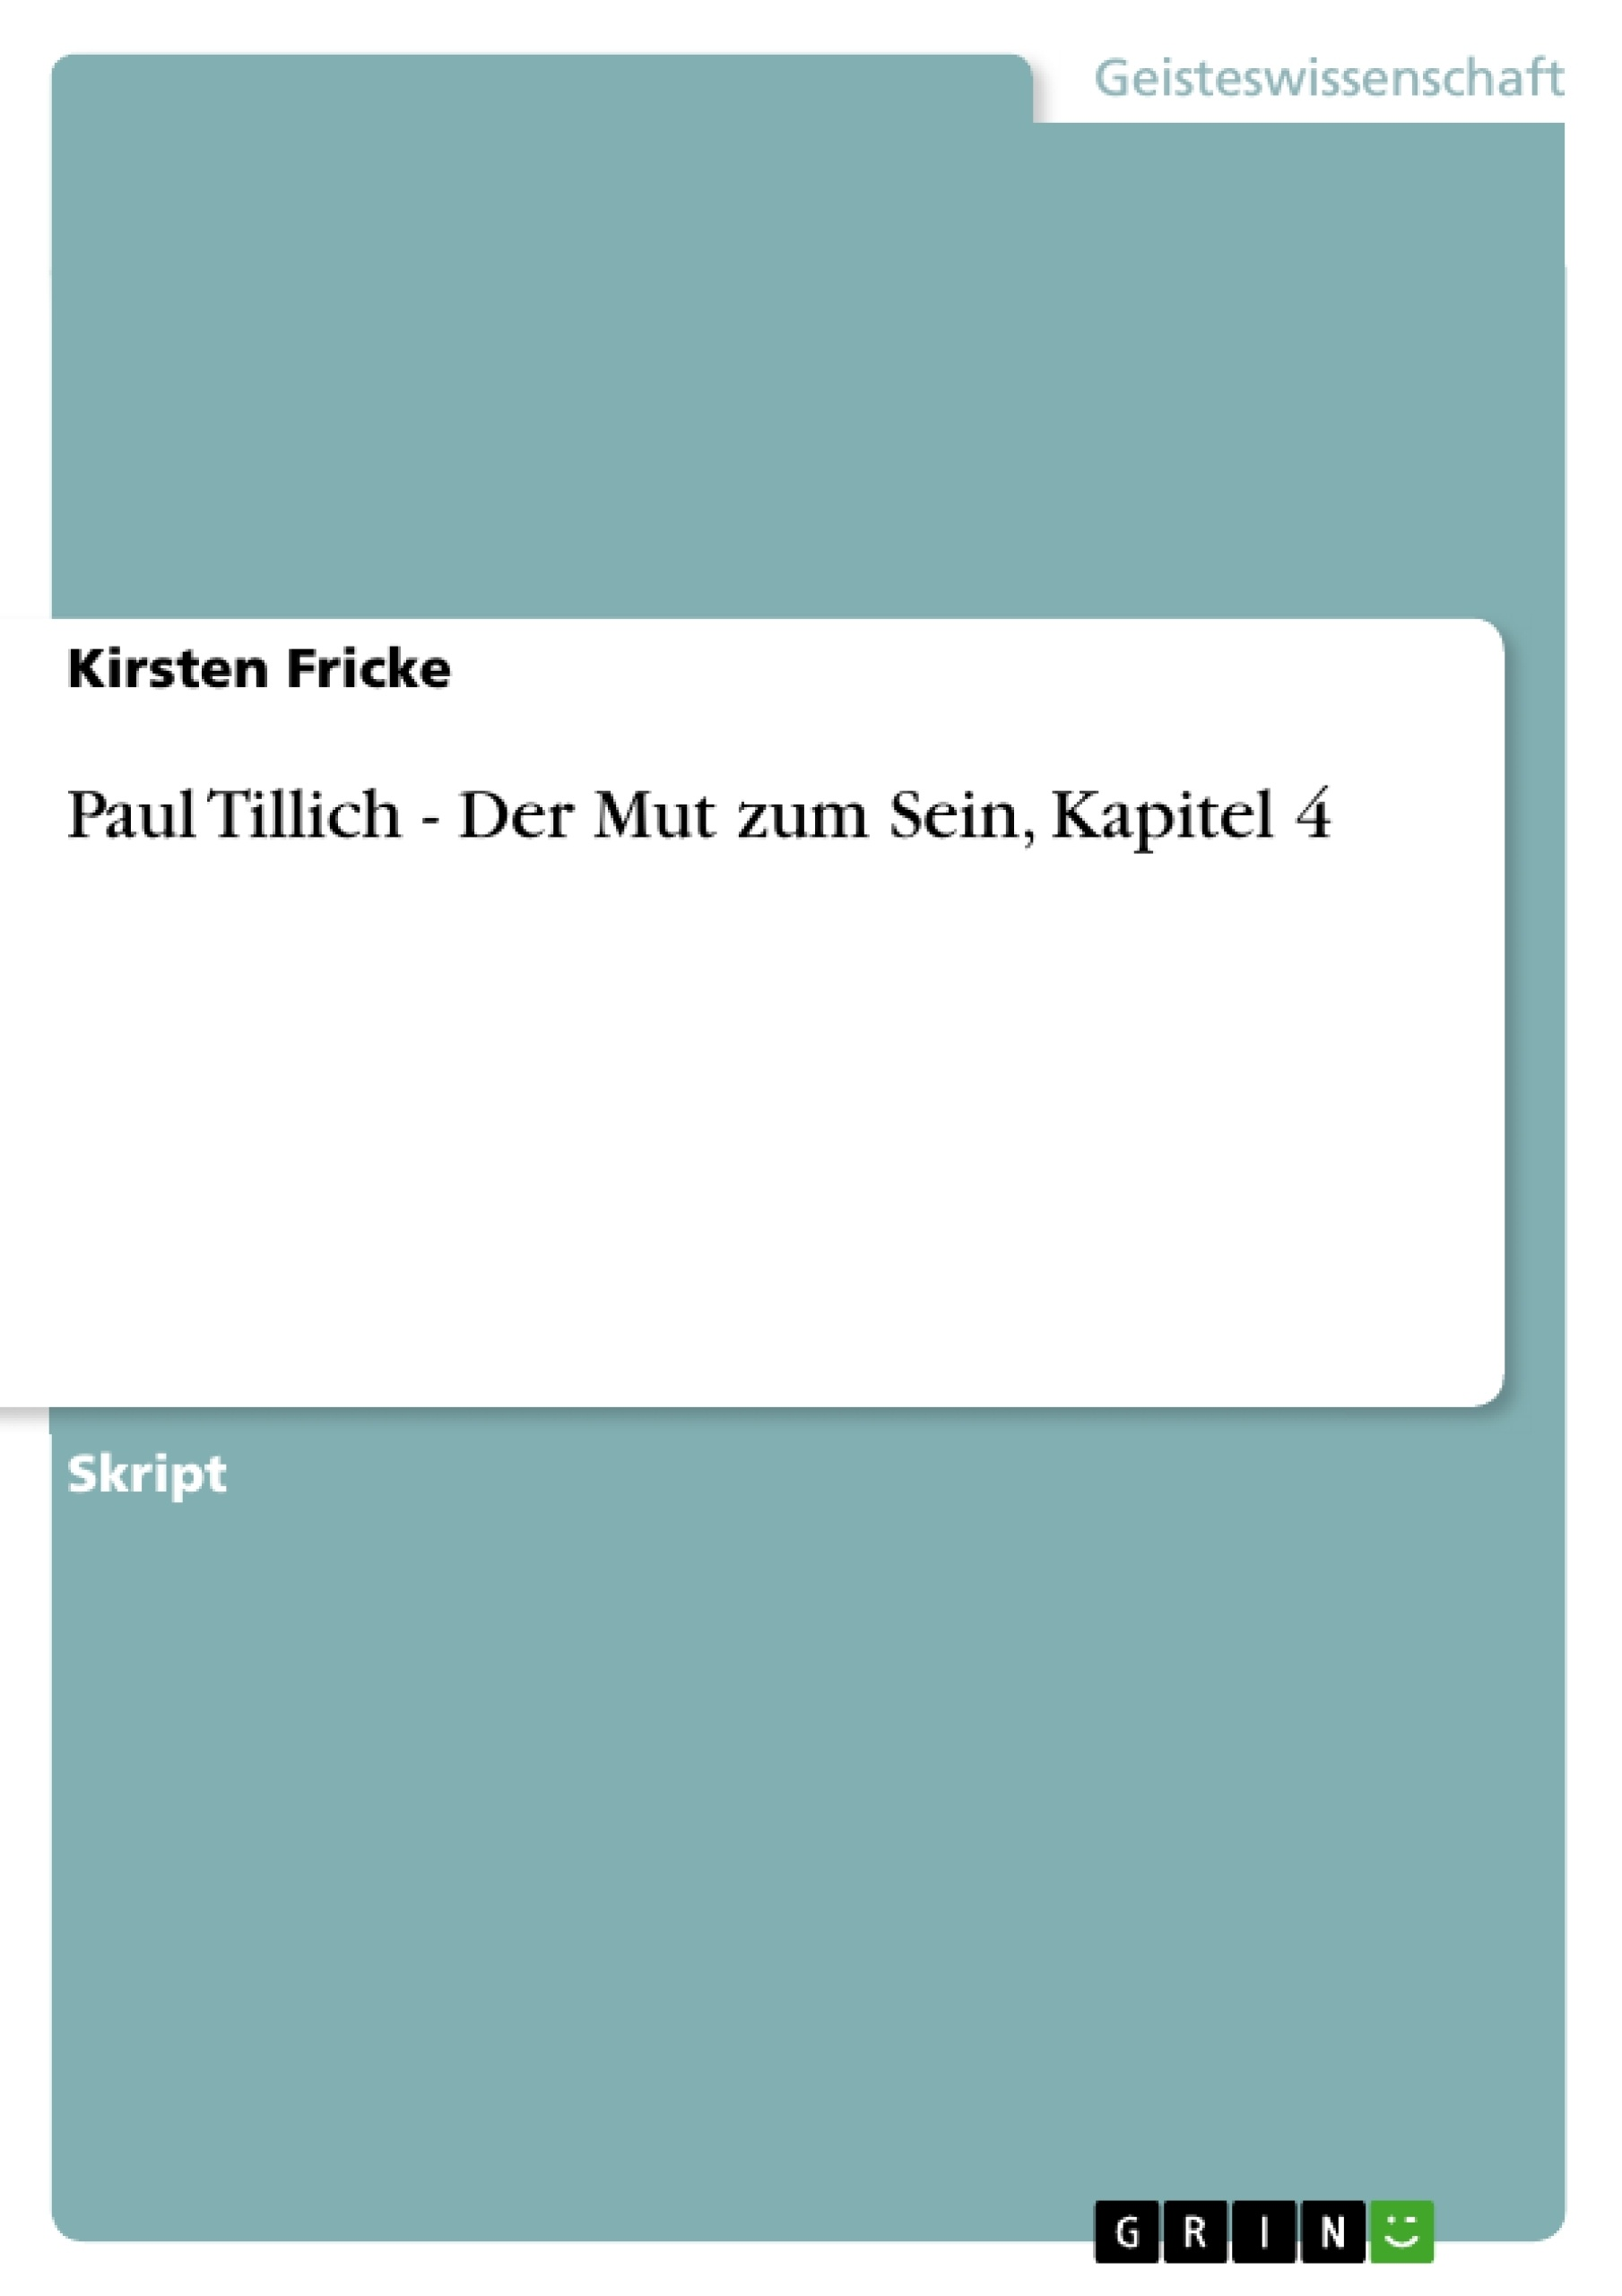 Titel: Paul Tillich - Der Mut zum Sein, Kapitel 4